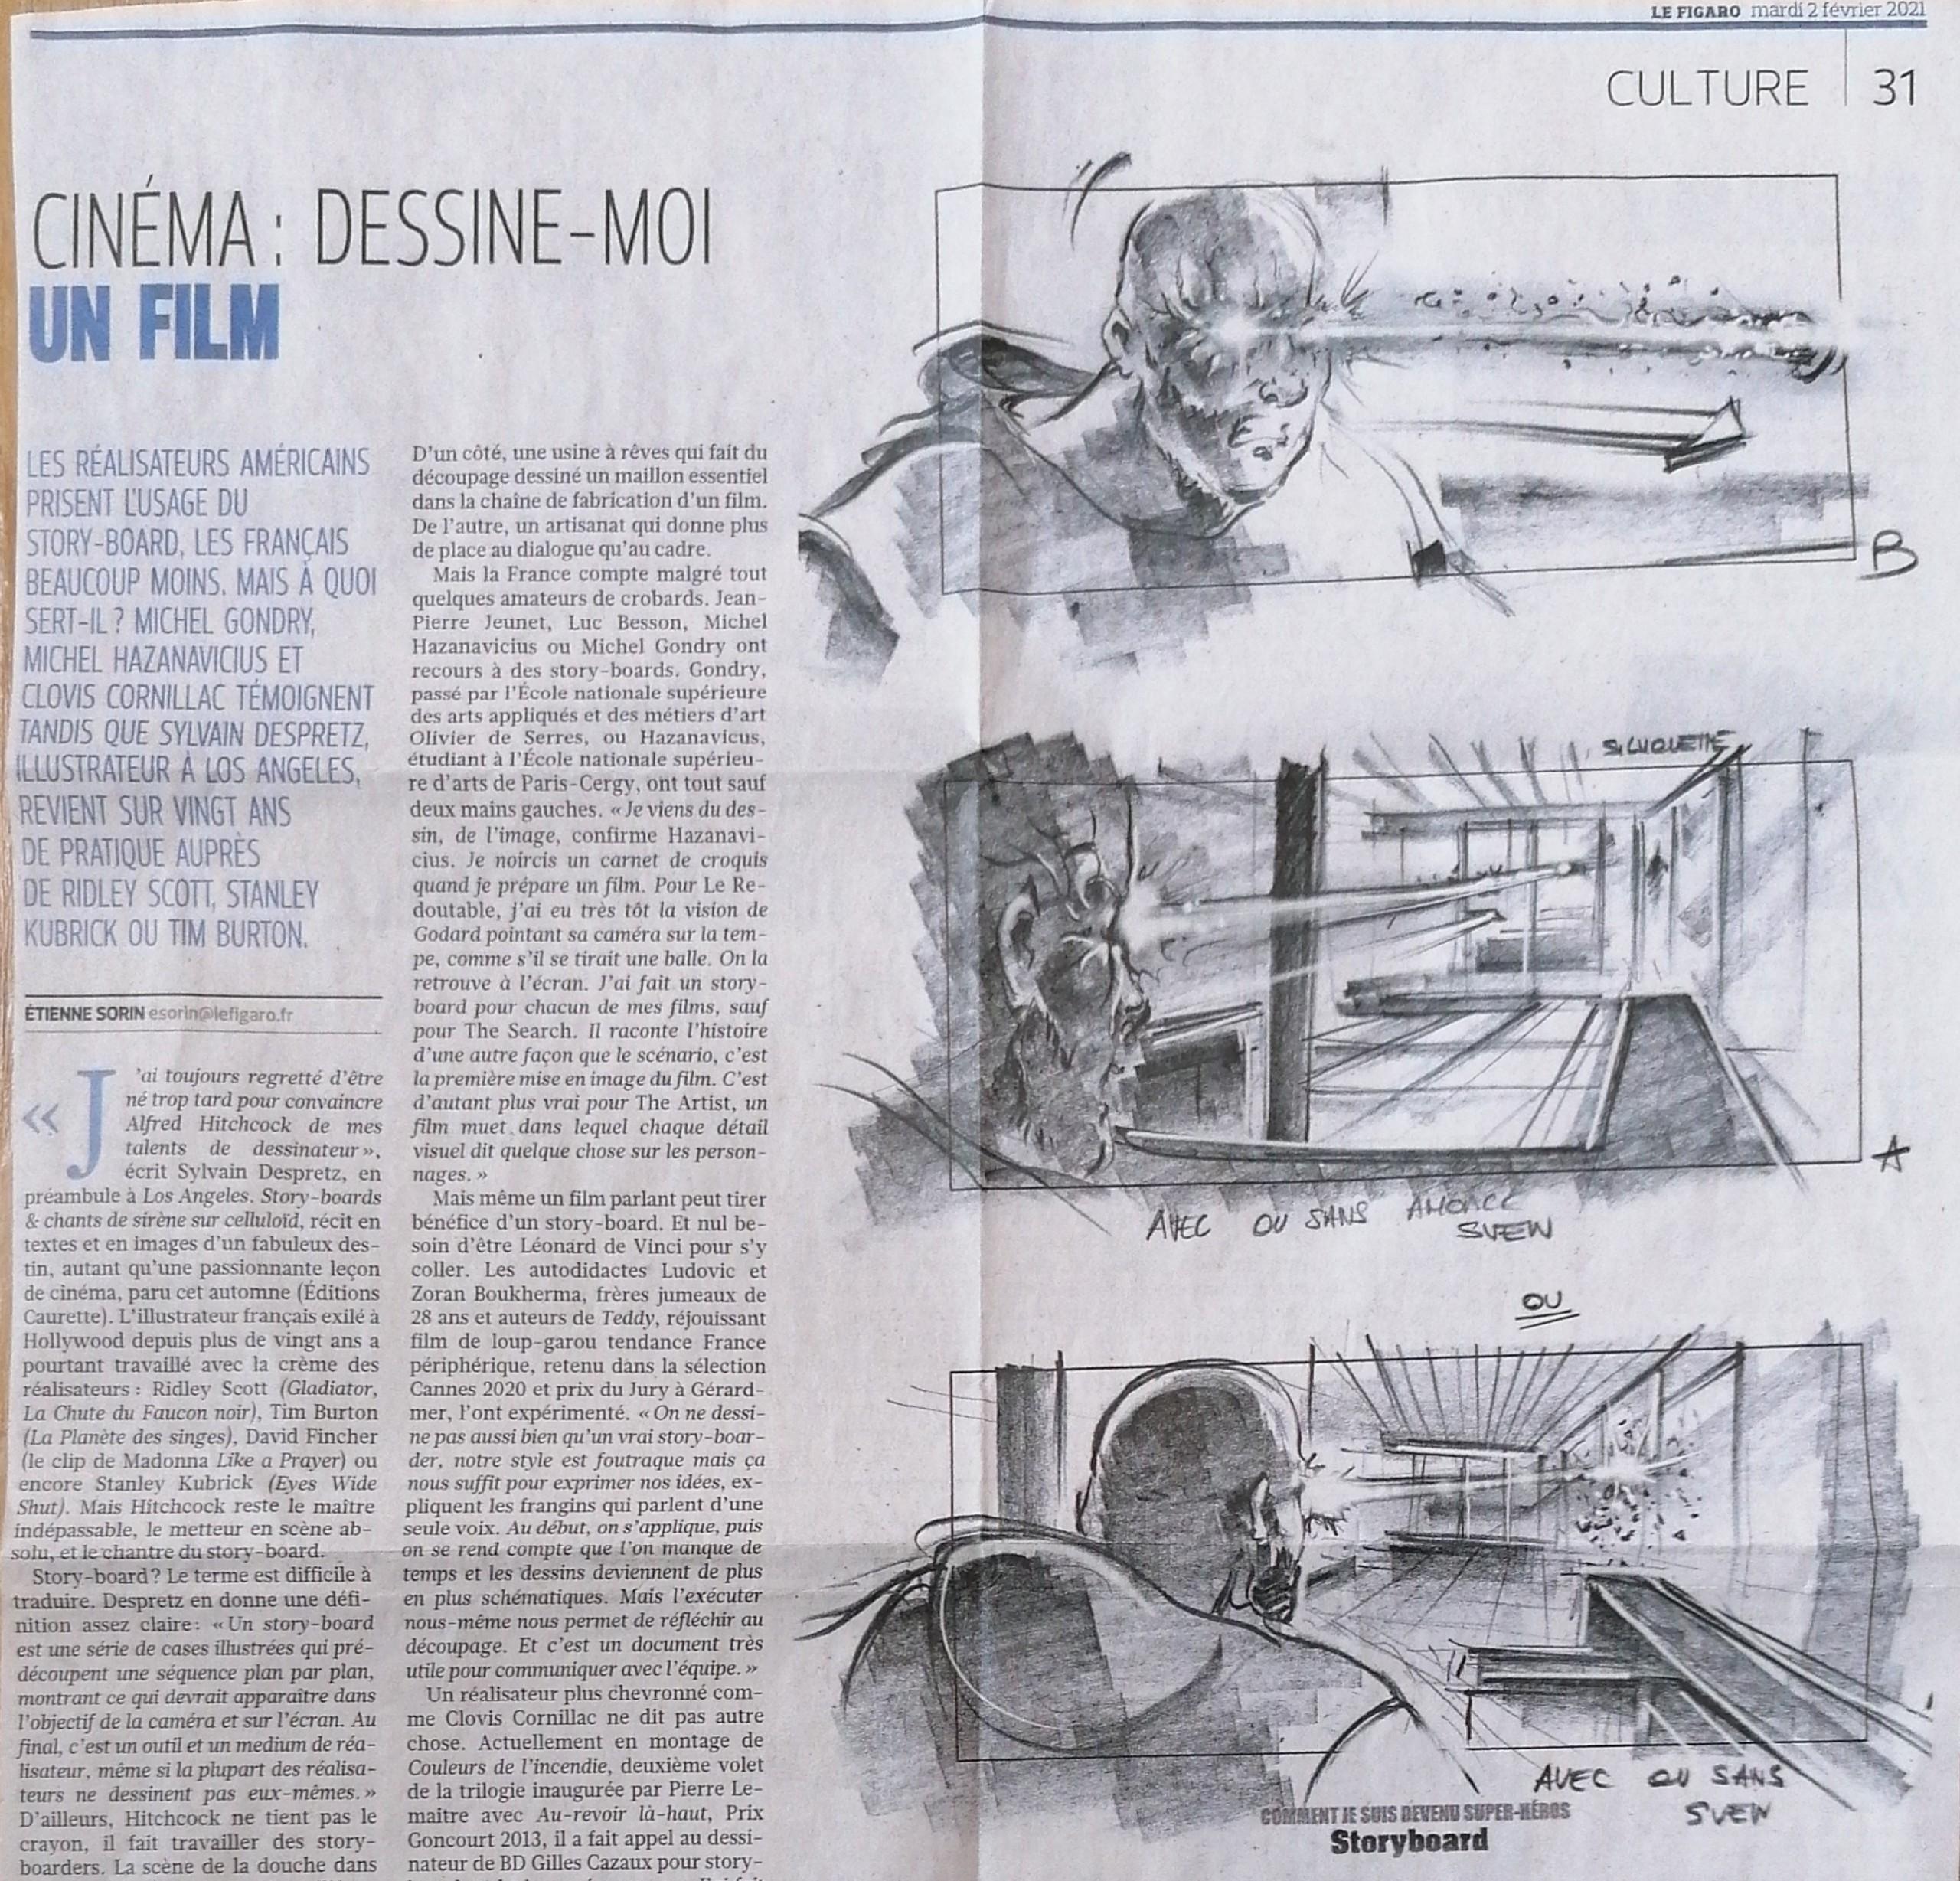 """Article de journal """"Cinéma : Dessine-moi un film"""" du Figaro sur Sylvain Despretz."""